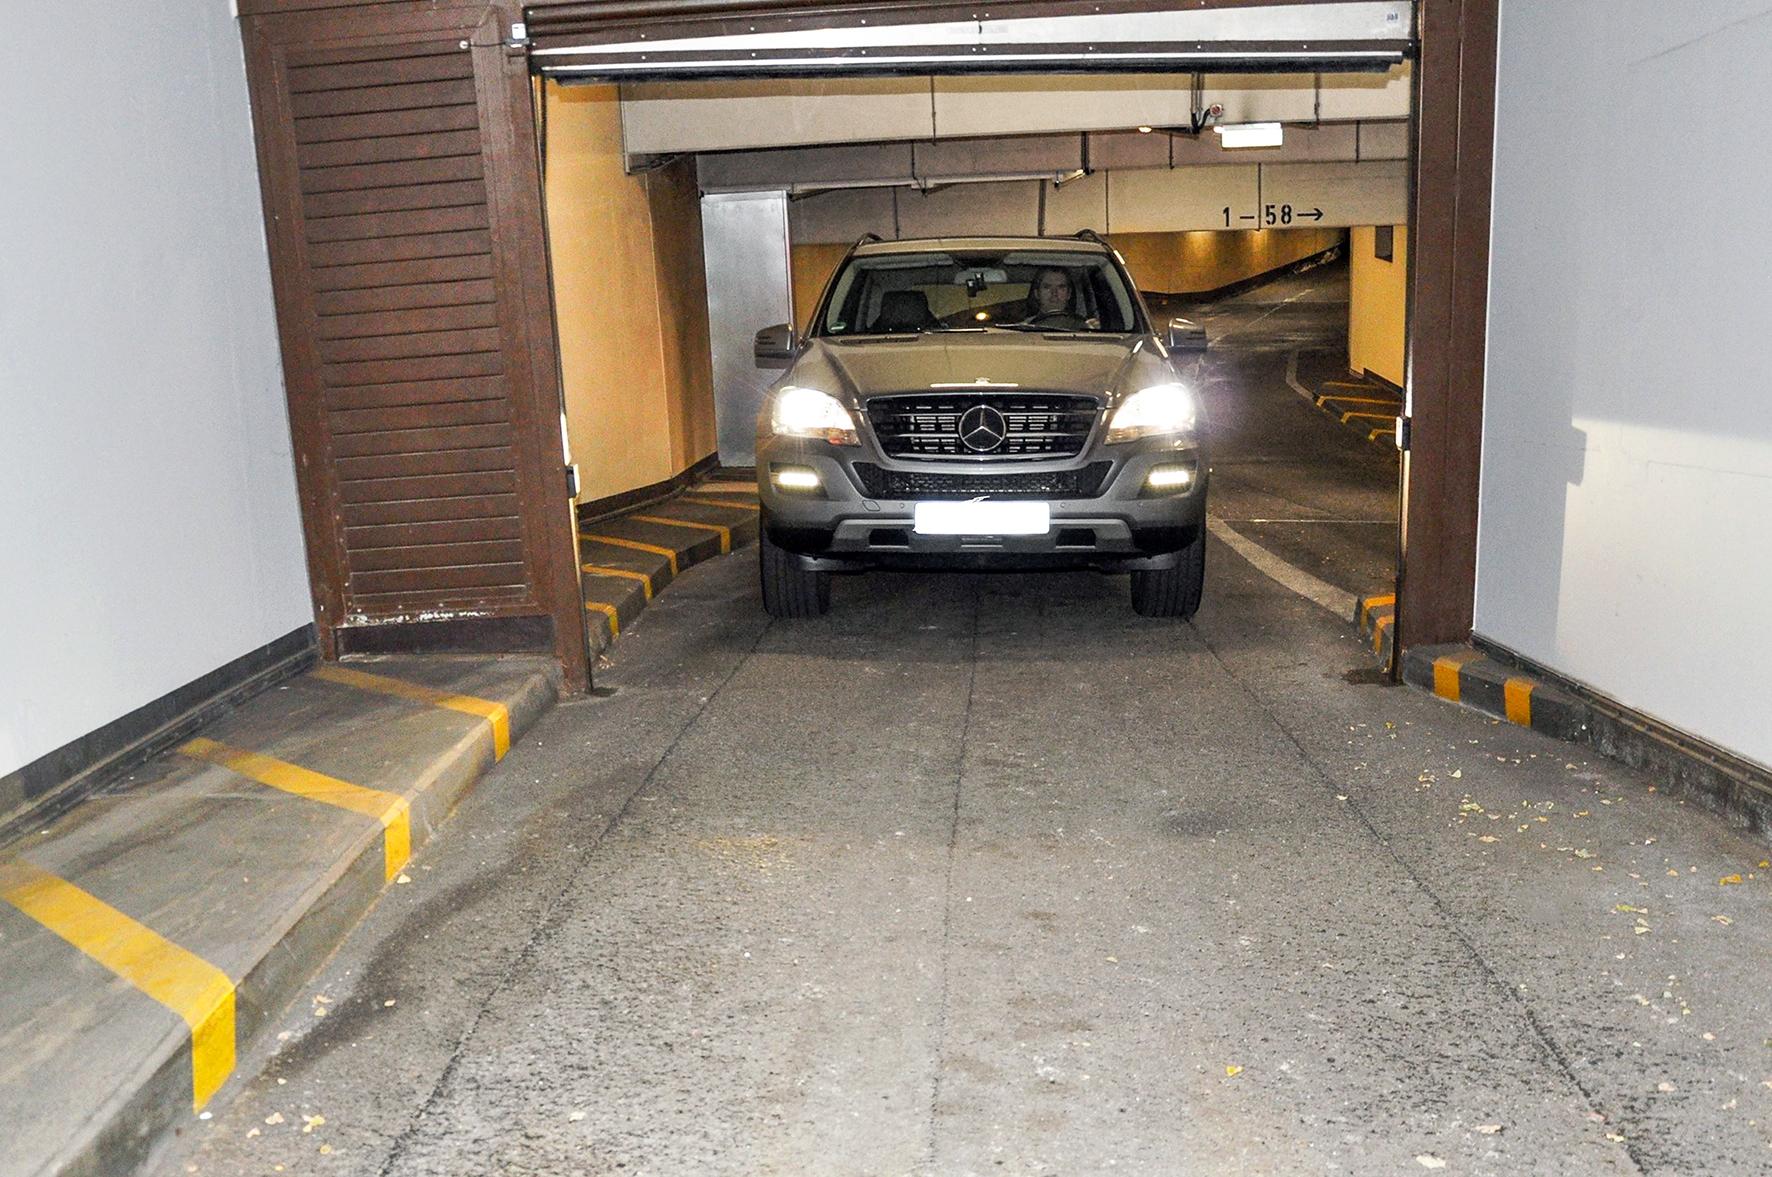 automatische garagen rolltore sicherheitseinrichtungen regelm ig pr fen de t v rheinland. Black Bedroom Furniture Sets. Home Design Ideas